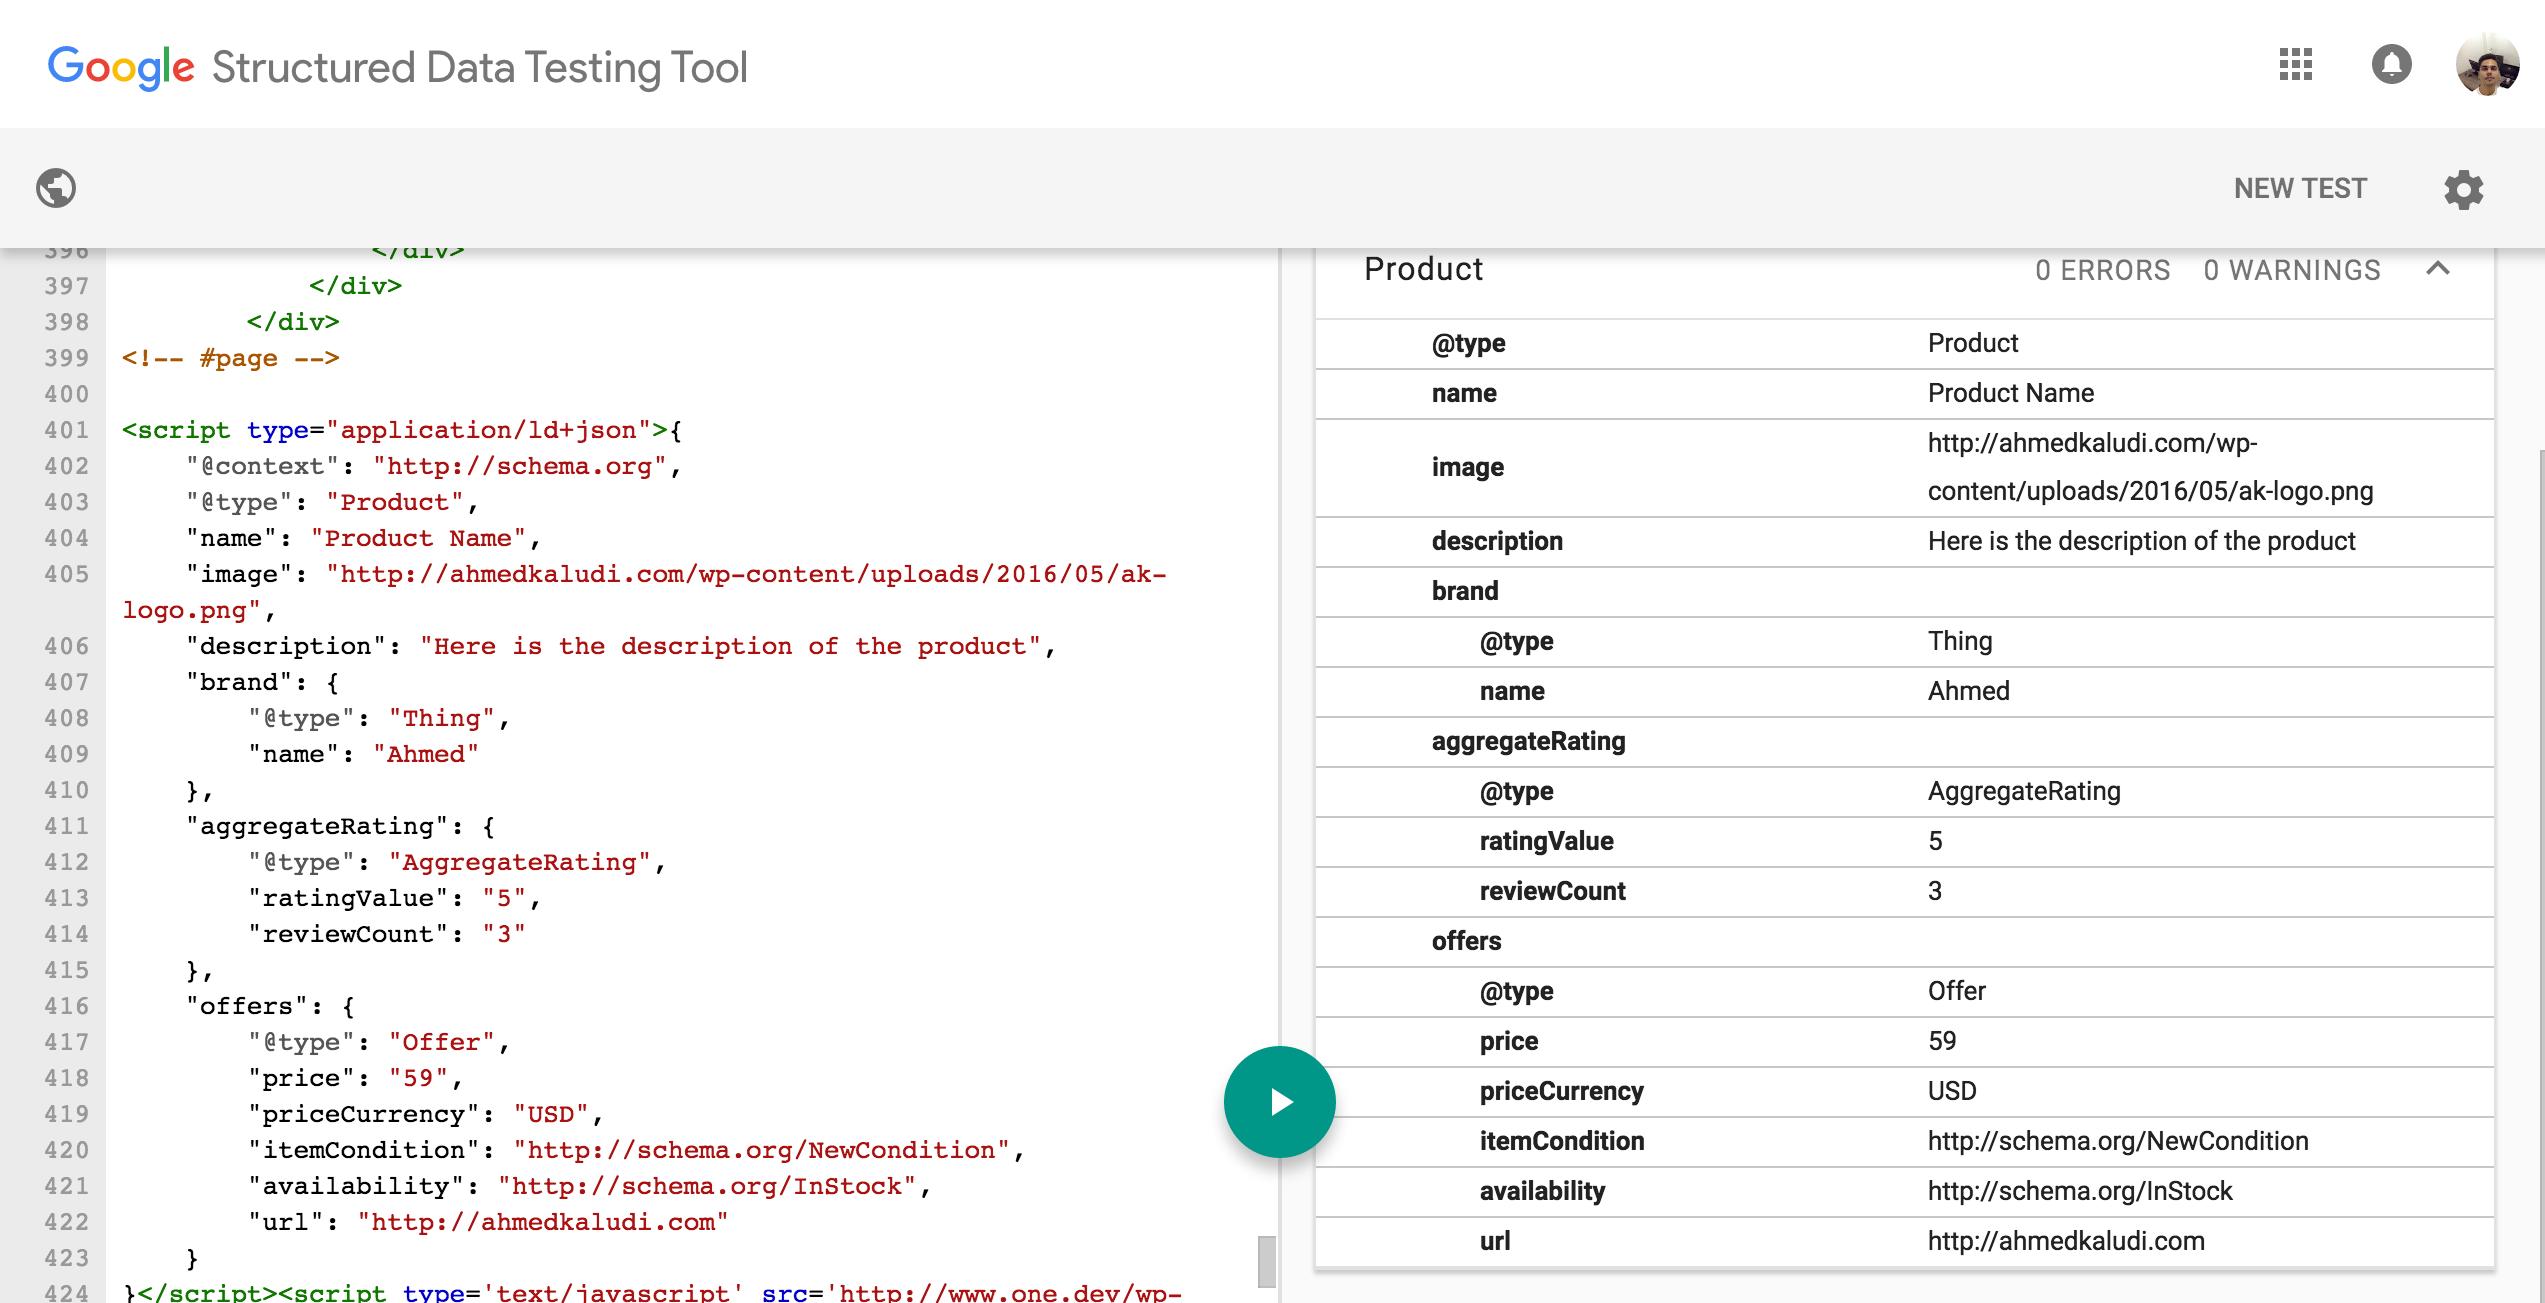 Structured Data Testing Tool Schema